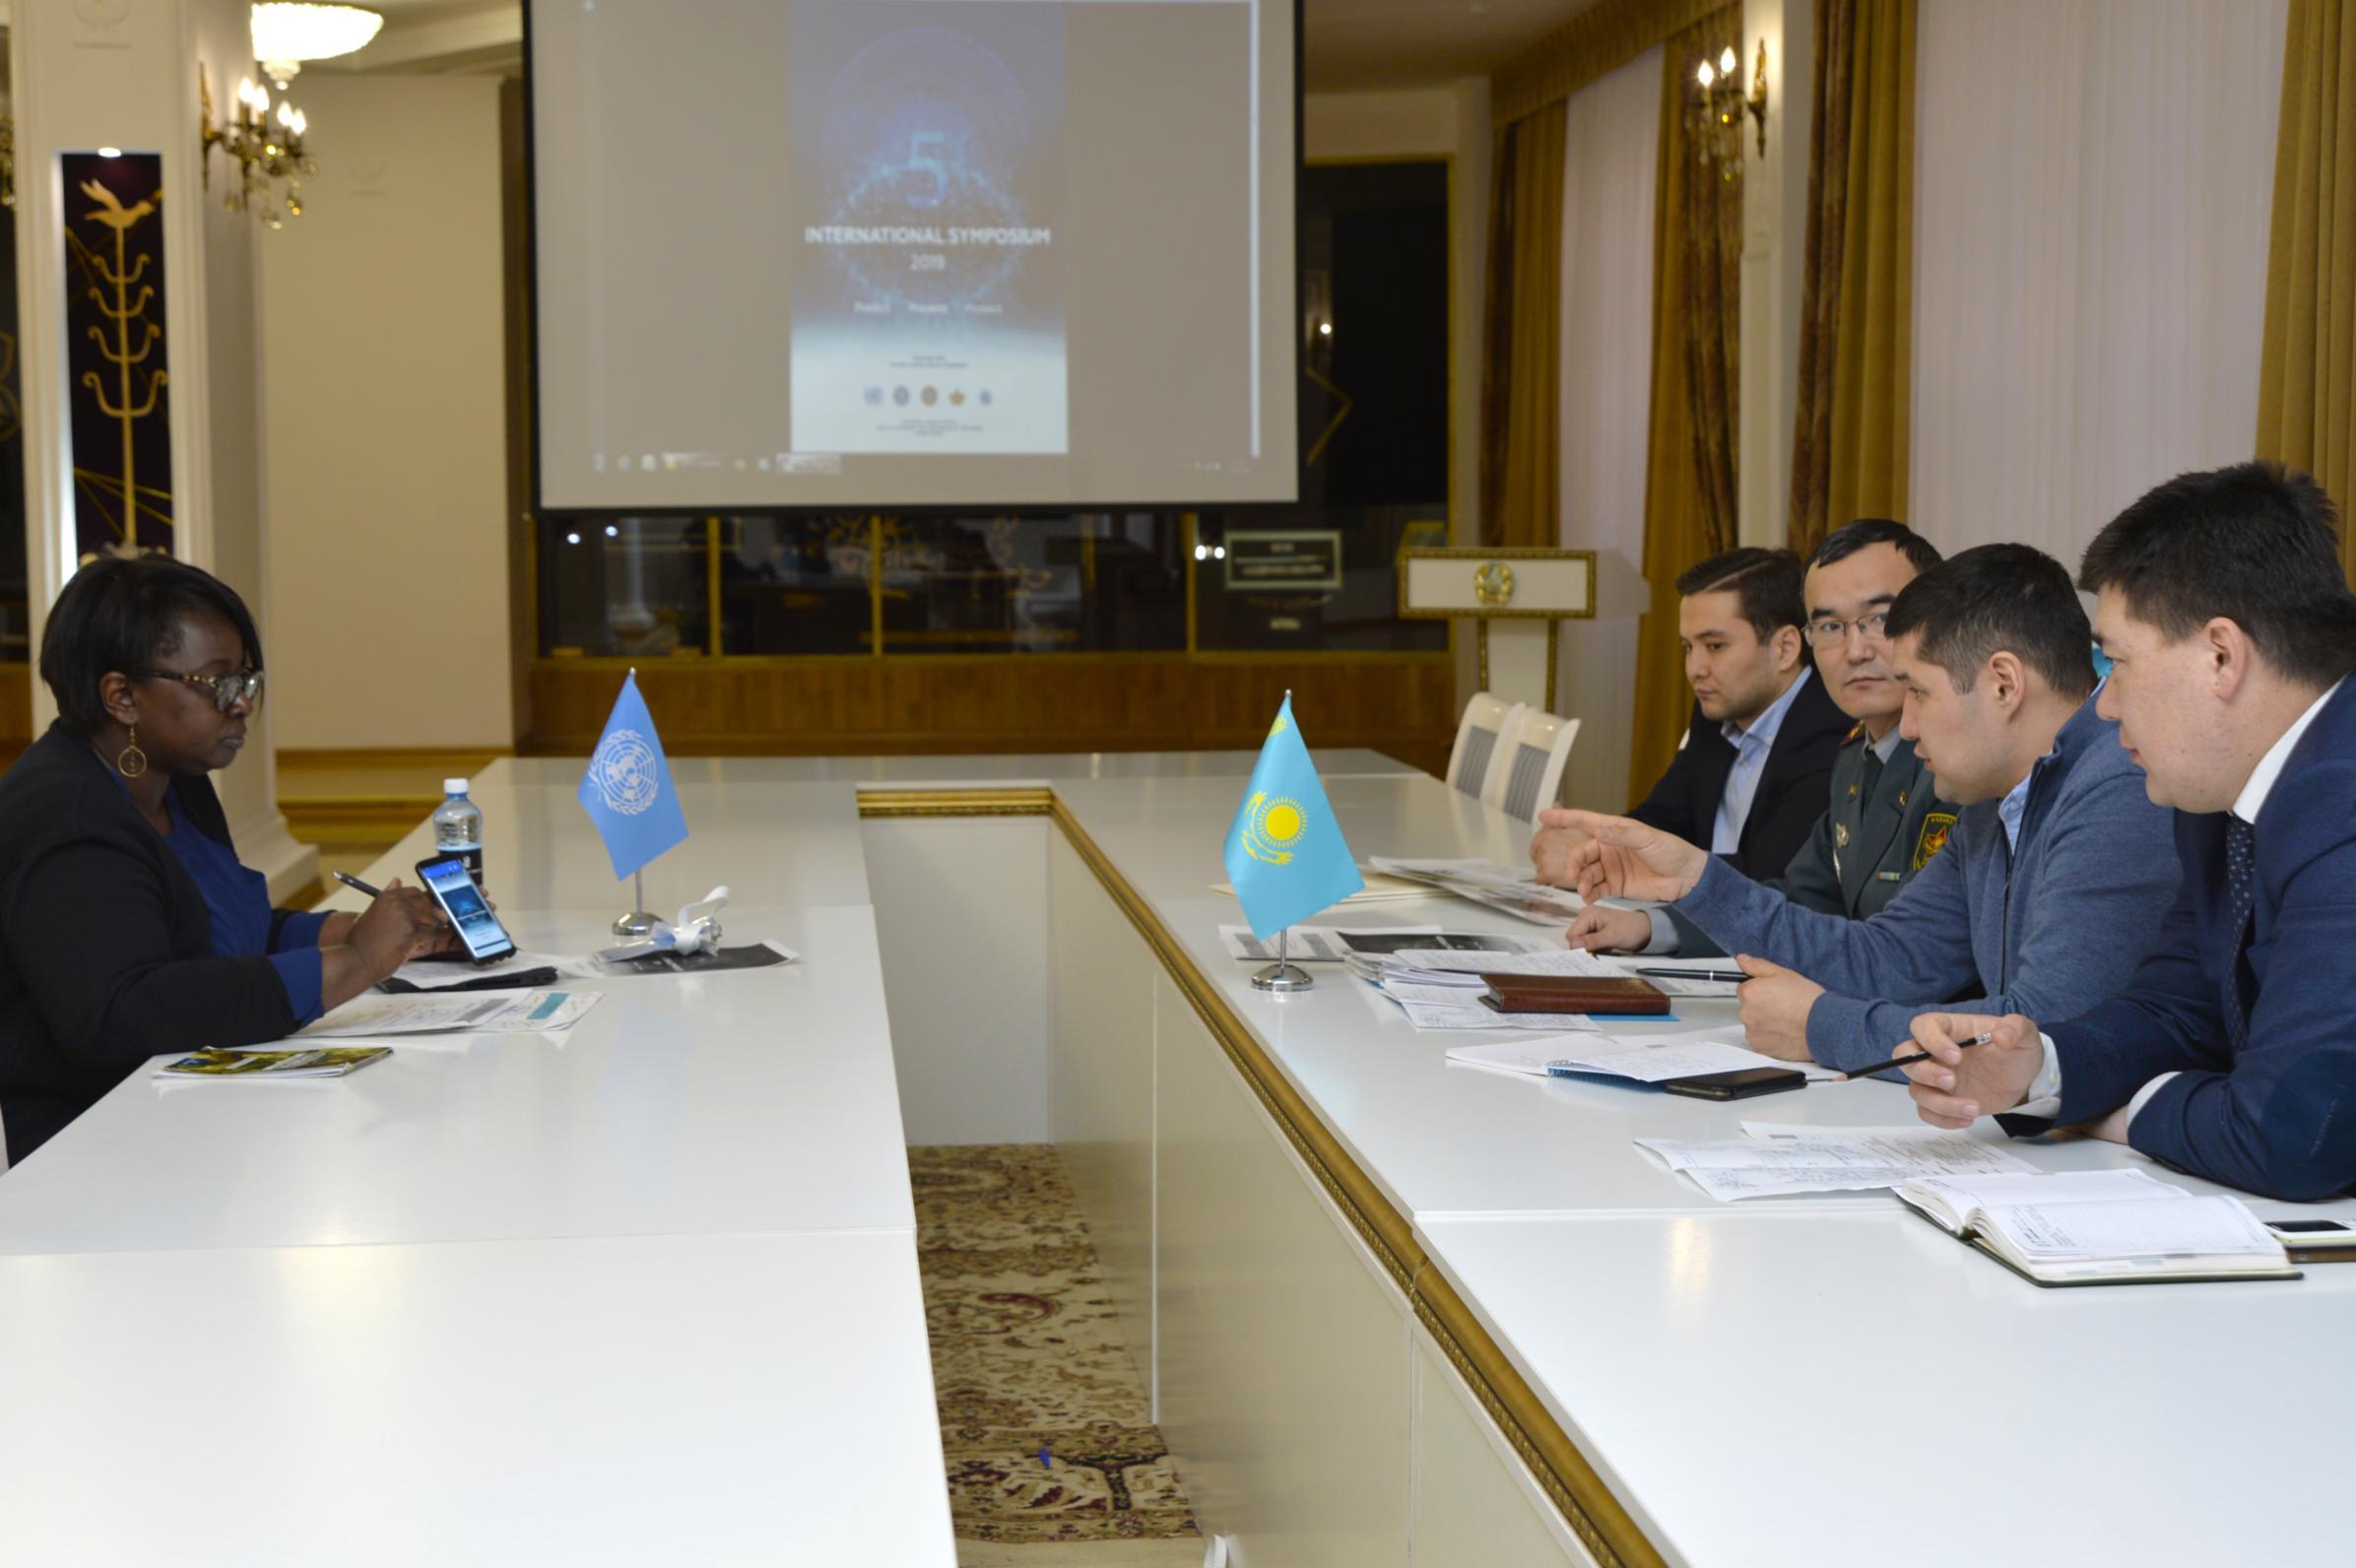 Вопросы предстоящего V-го Международного Симпозиума по партнерству в технологиях для миротворчества обсудили в Нур-Султане